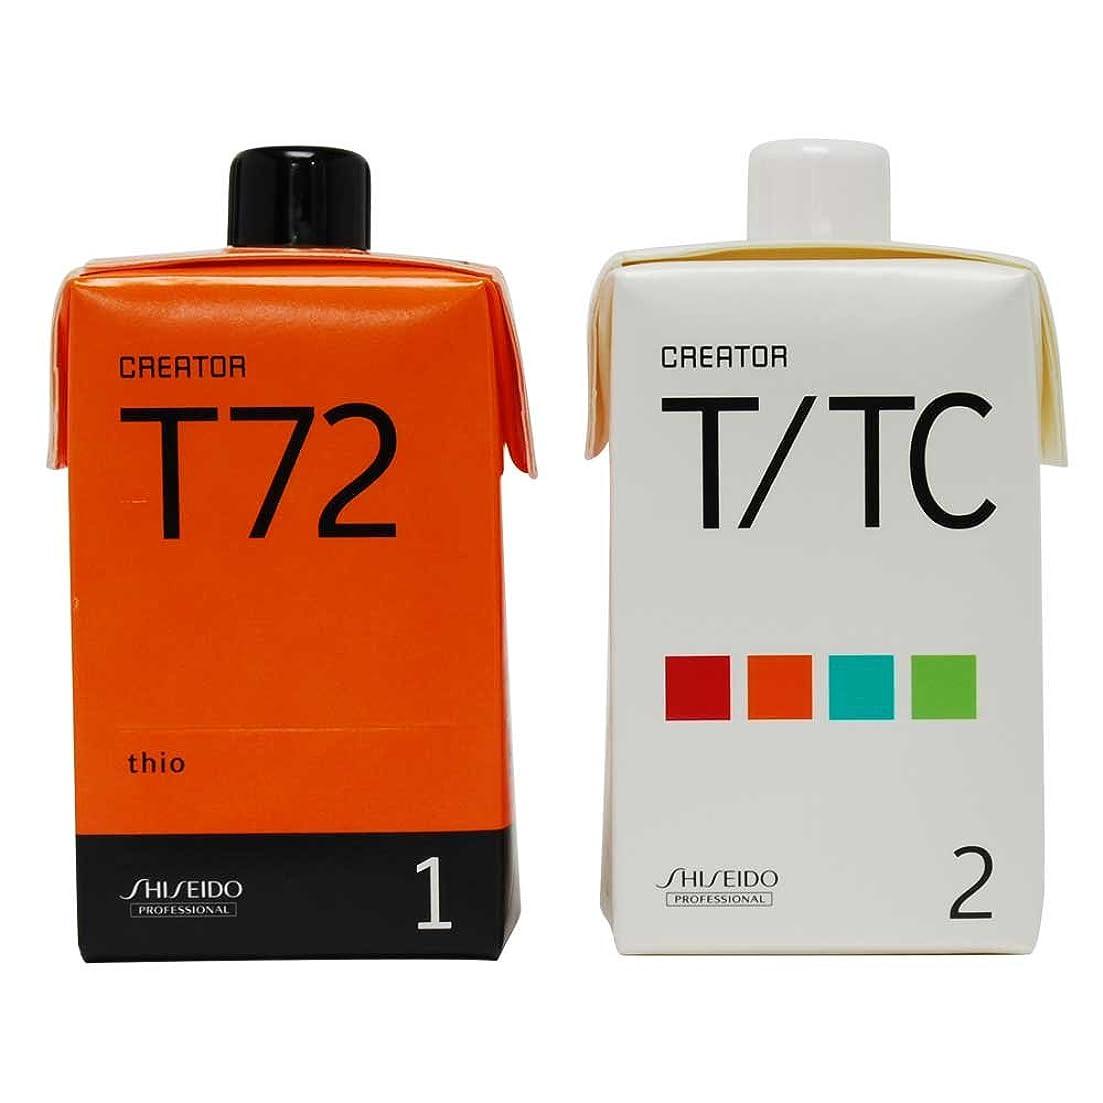 リビングルームラインナップアシュリータファーマン資生堂 クリエイター T72(プロ用パーマ液?1剤、2剤各400ml)